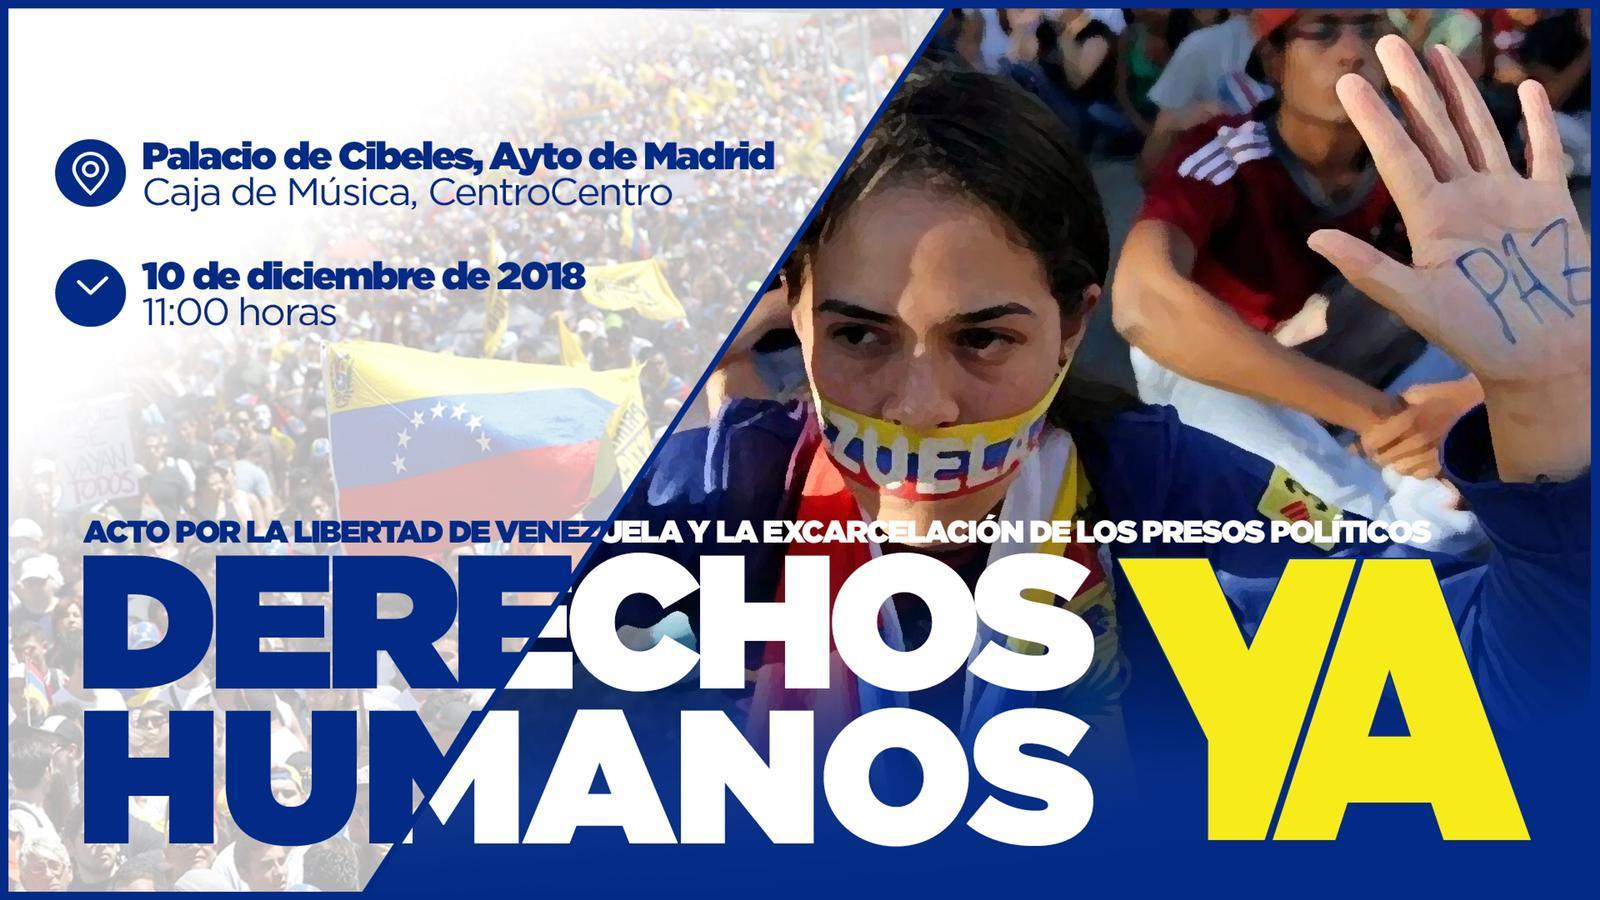 Carmena incumple su promesa y no irá al acto de apoyo a los presos políticos de Venezuela